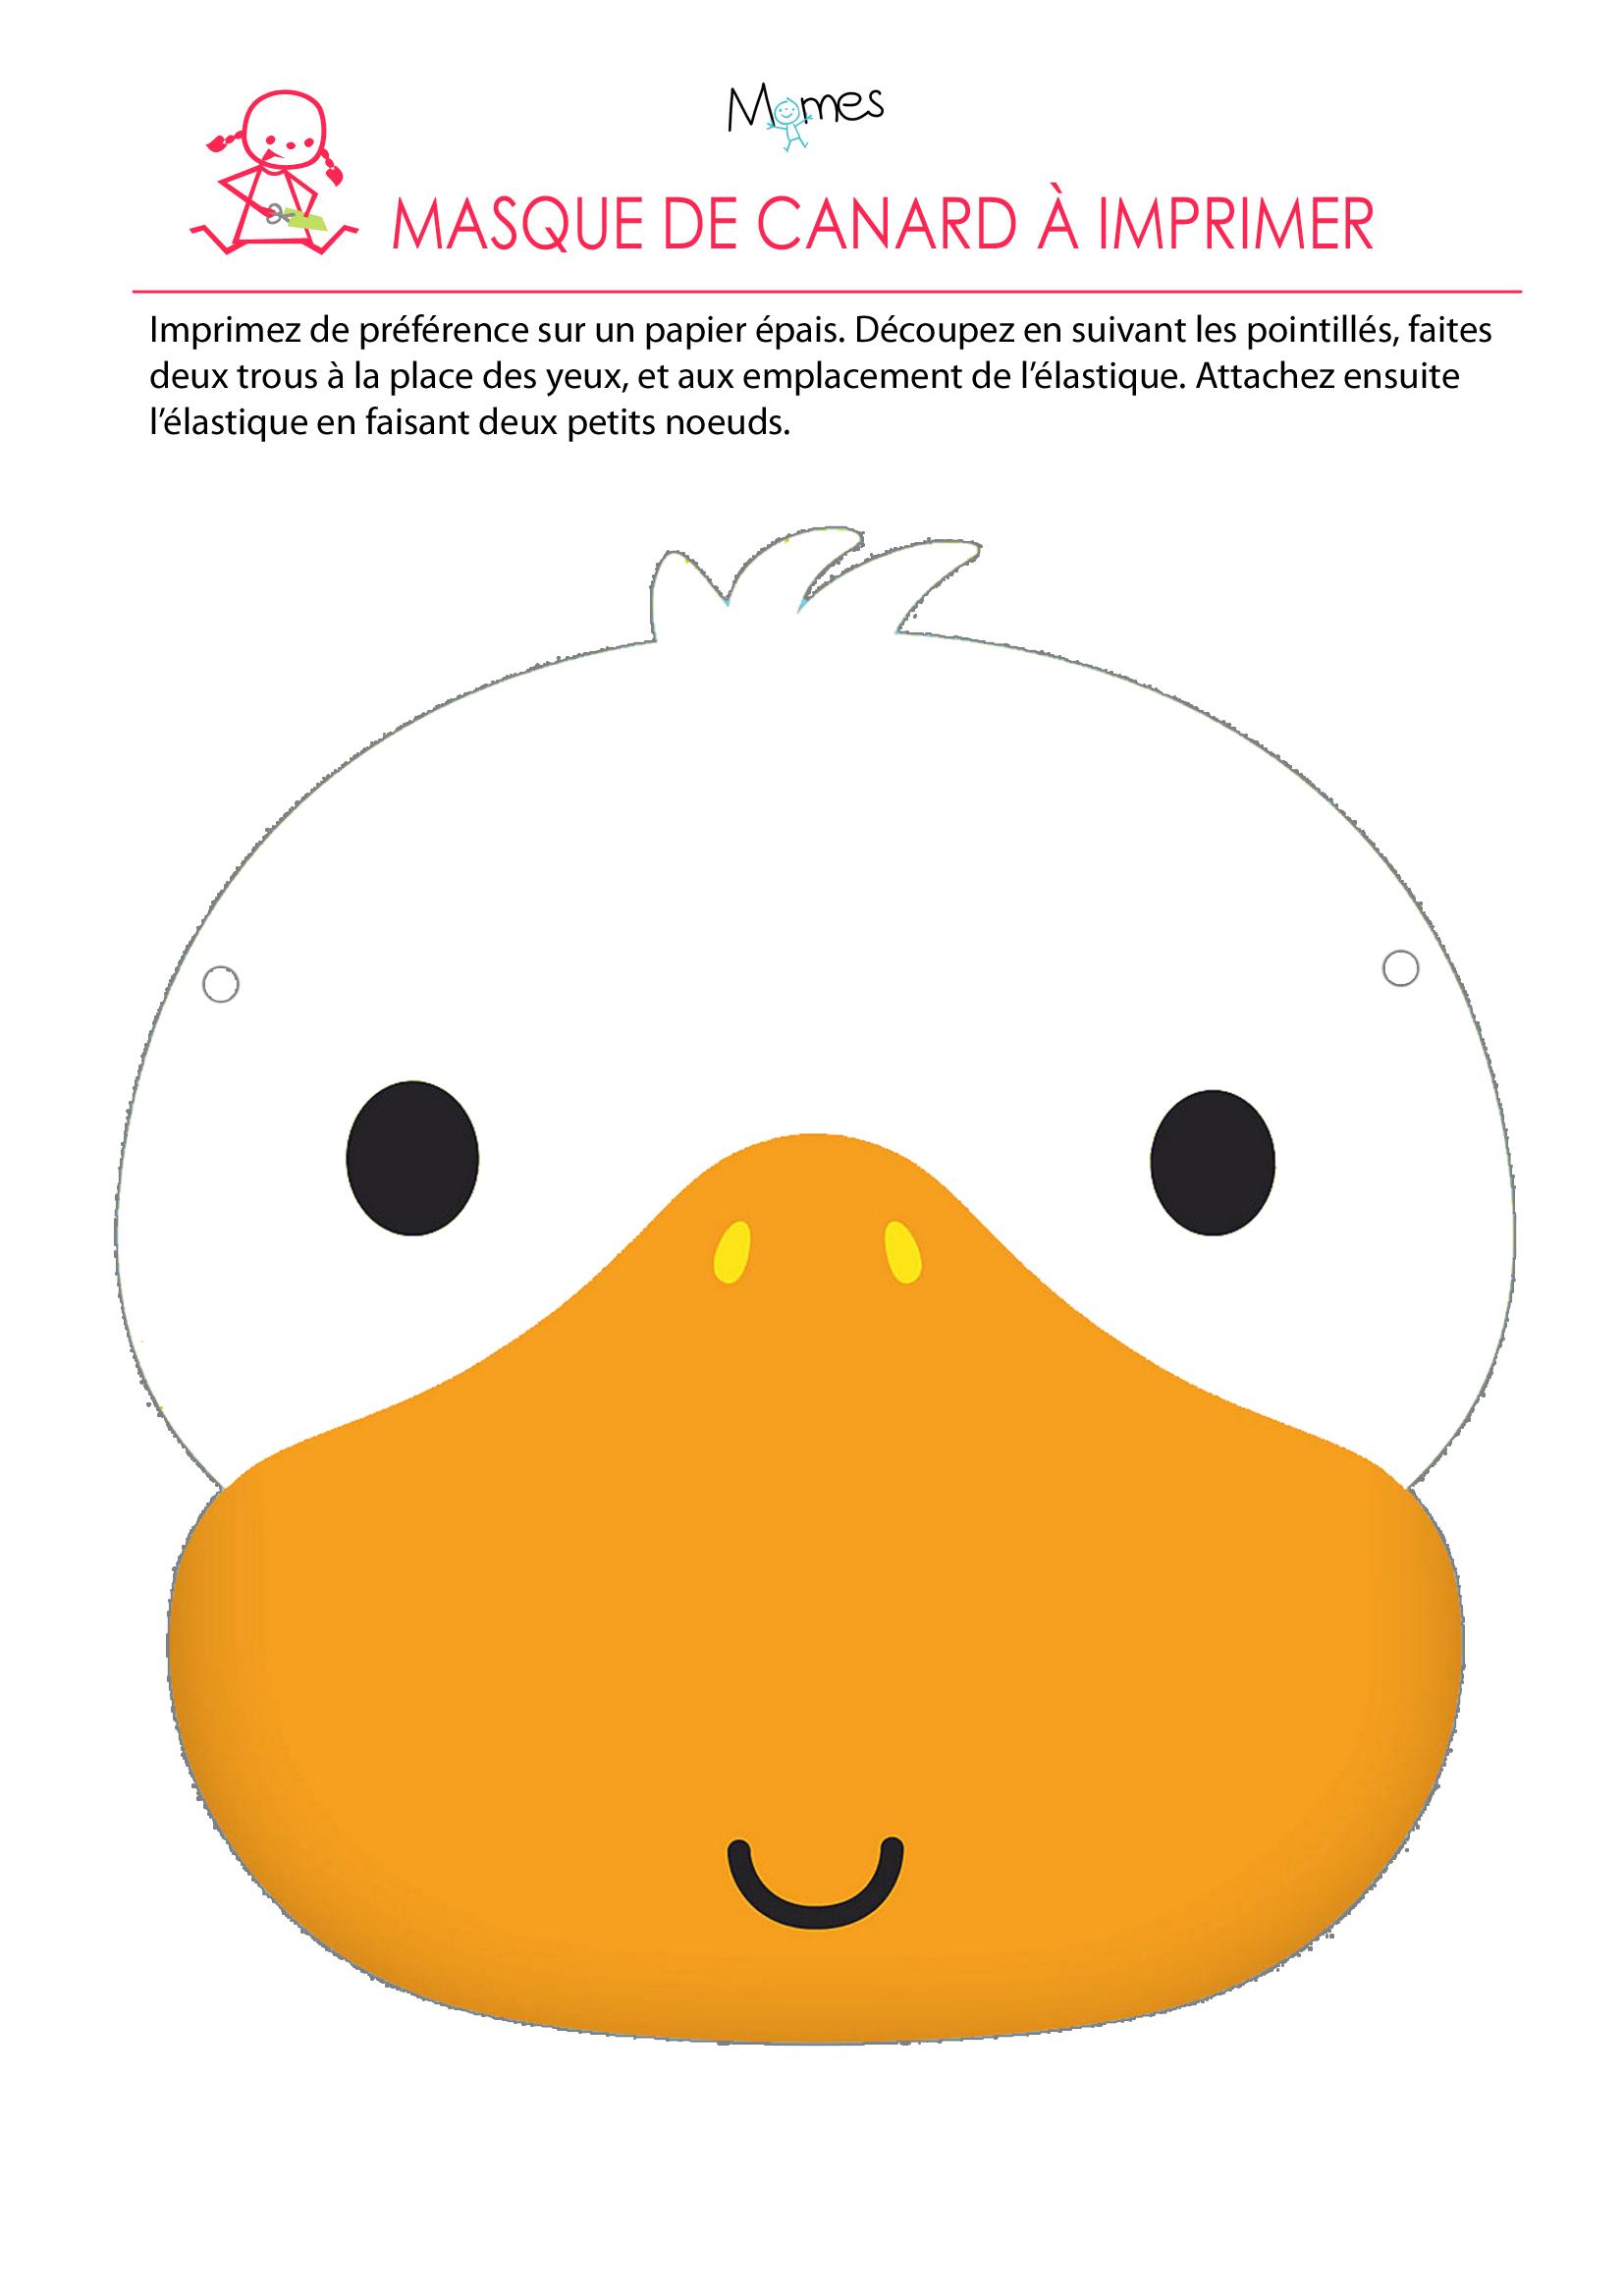 Les Masques Du Carnaval: Le Masque De Canard - Momes pour Masque À Imprimer Animaux